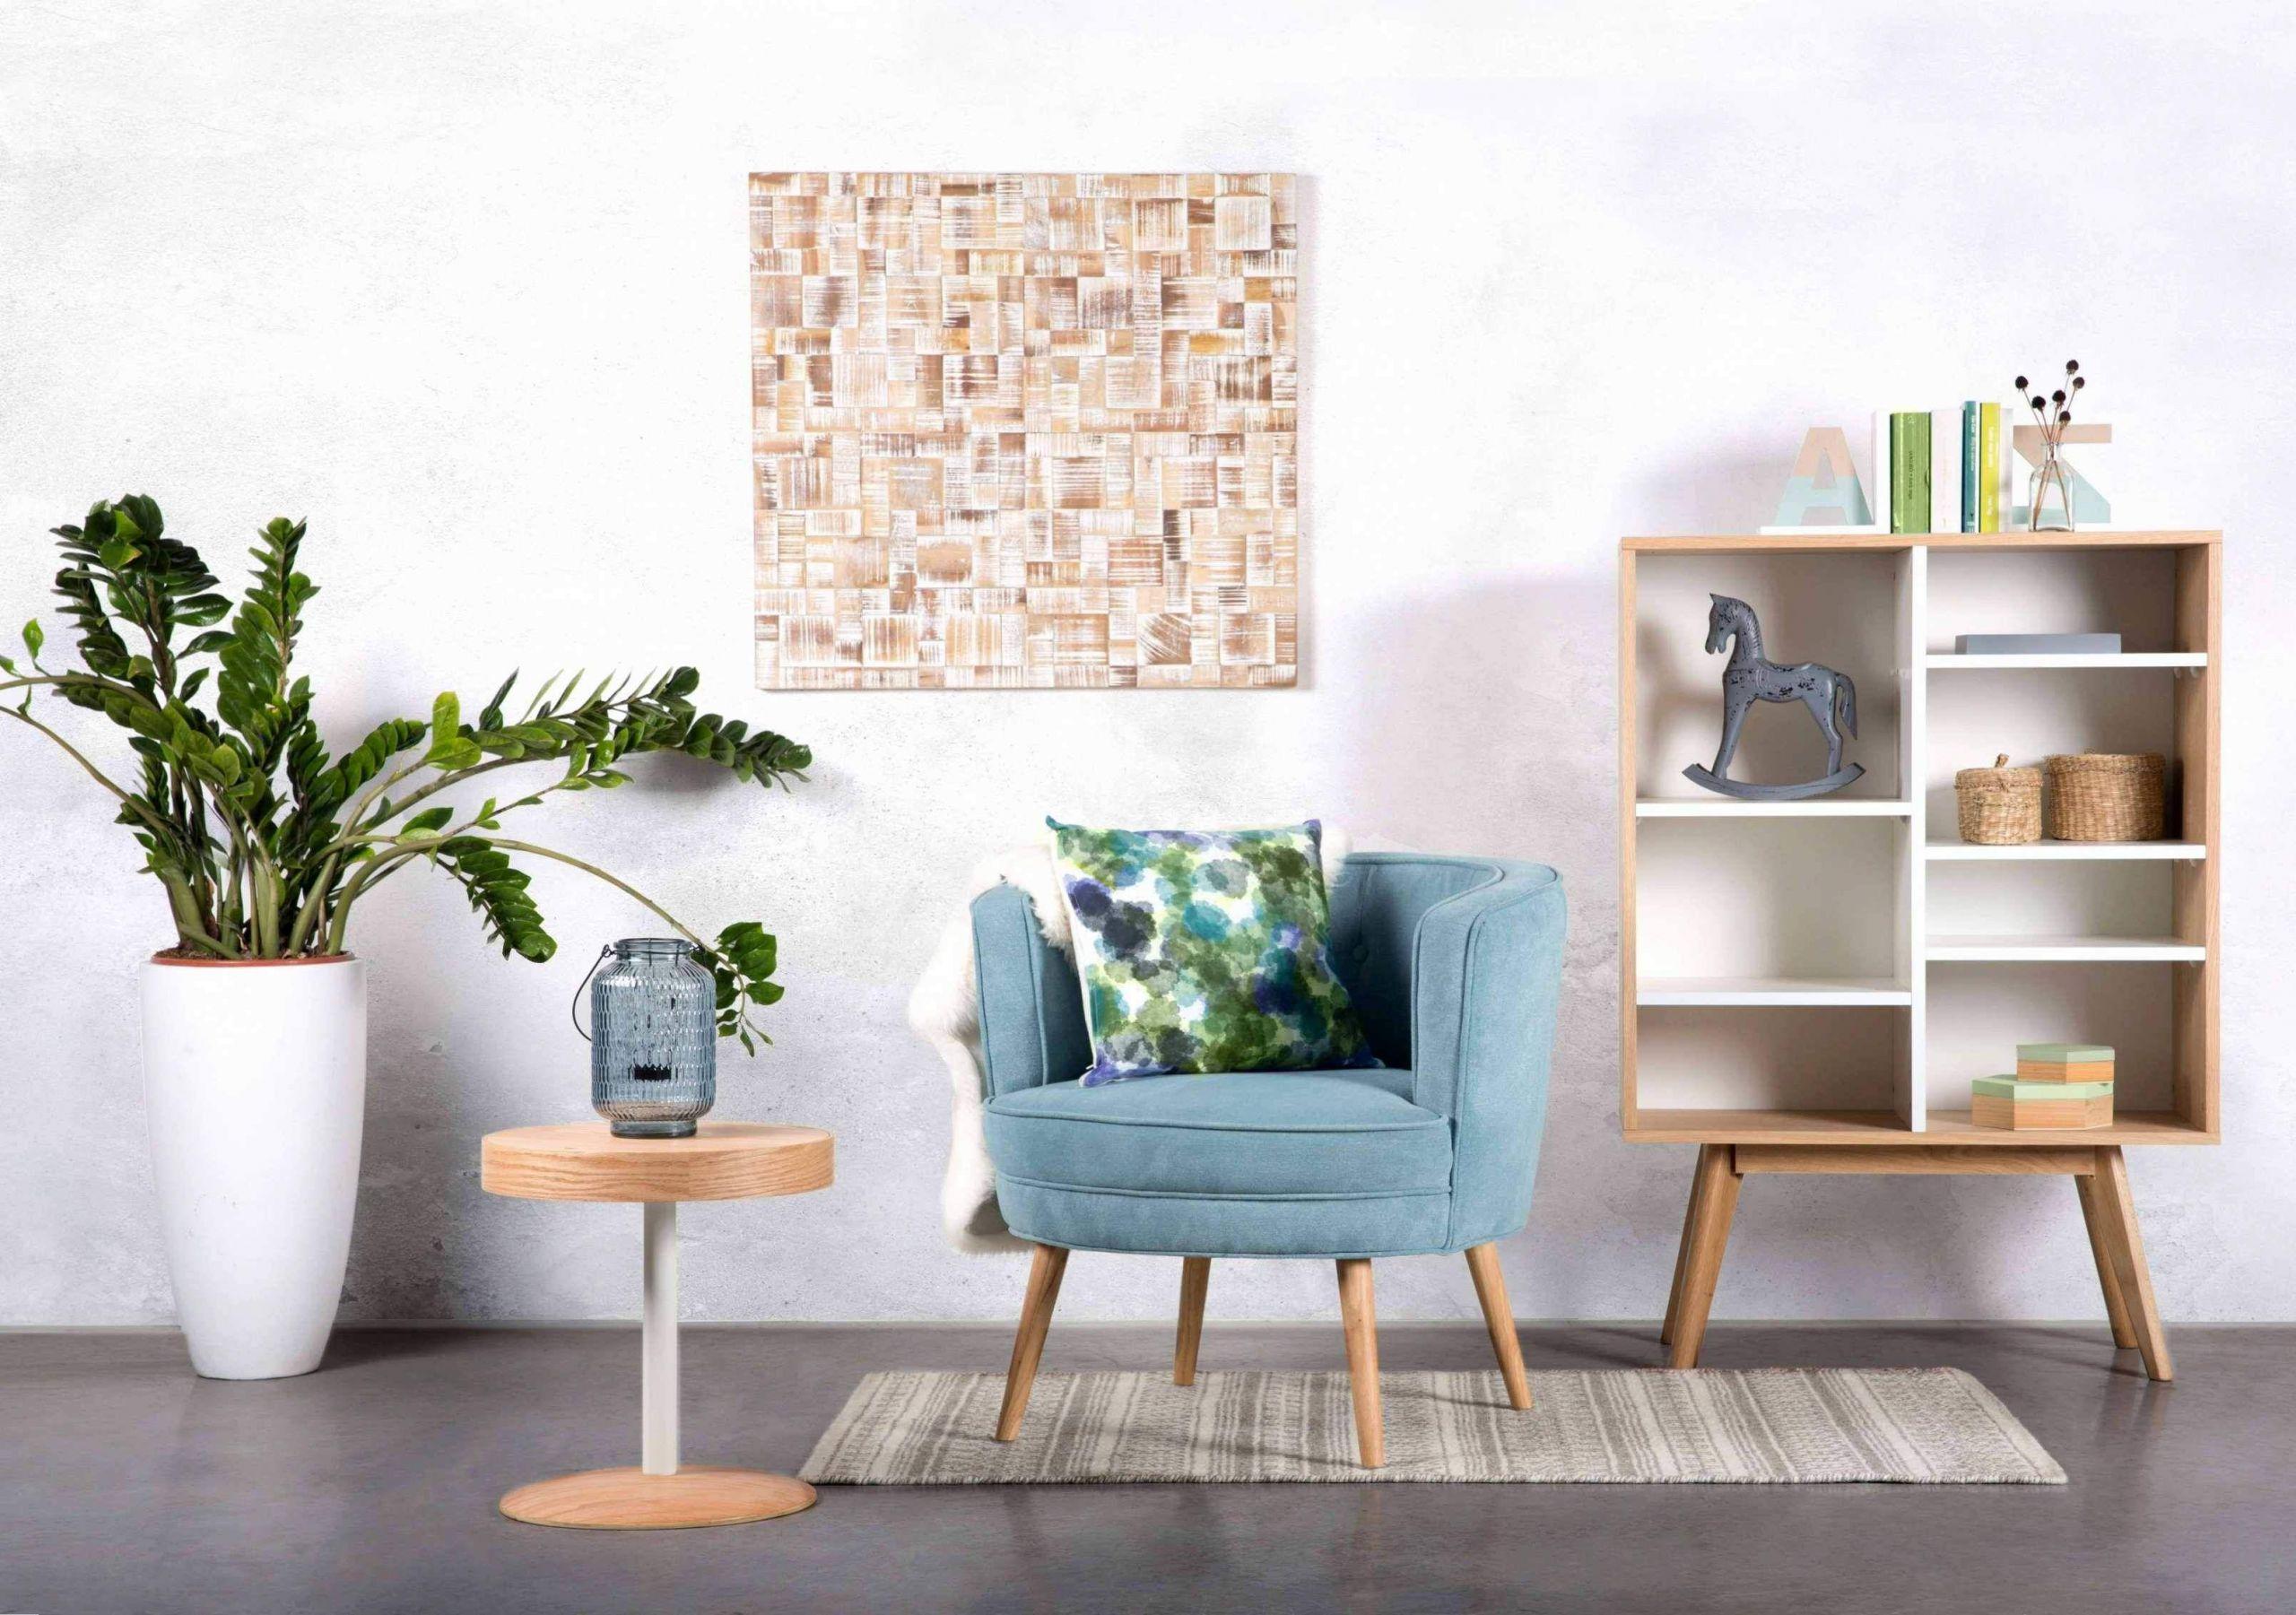 Deko Ideen Für Garten Genial 36 Inspirierend Ideen Für Wohnzimmer Genial